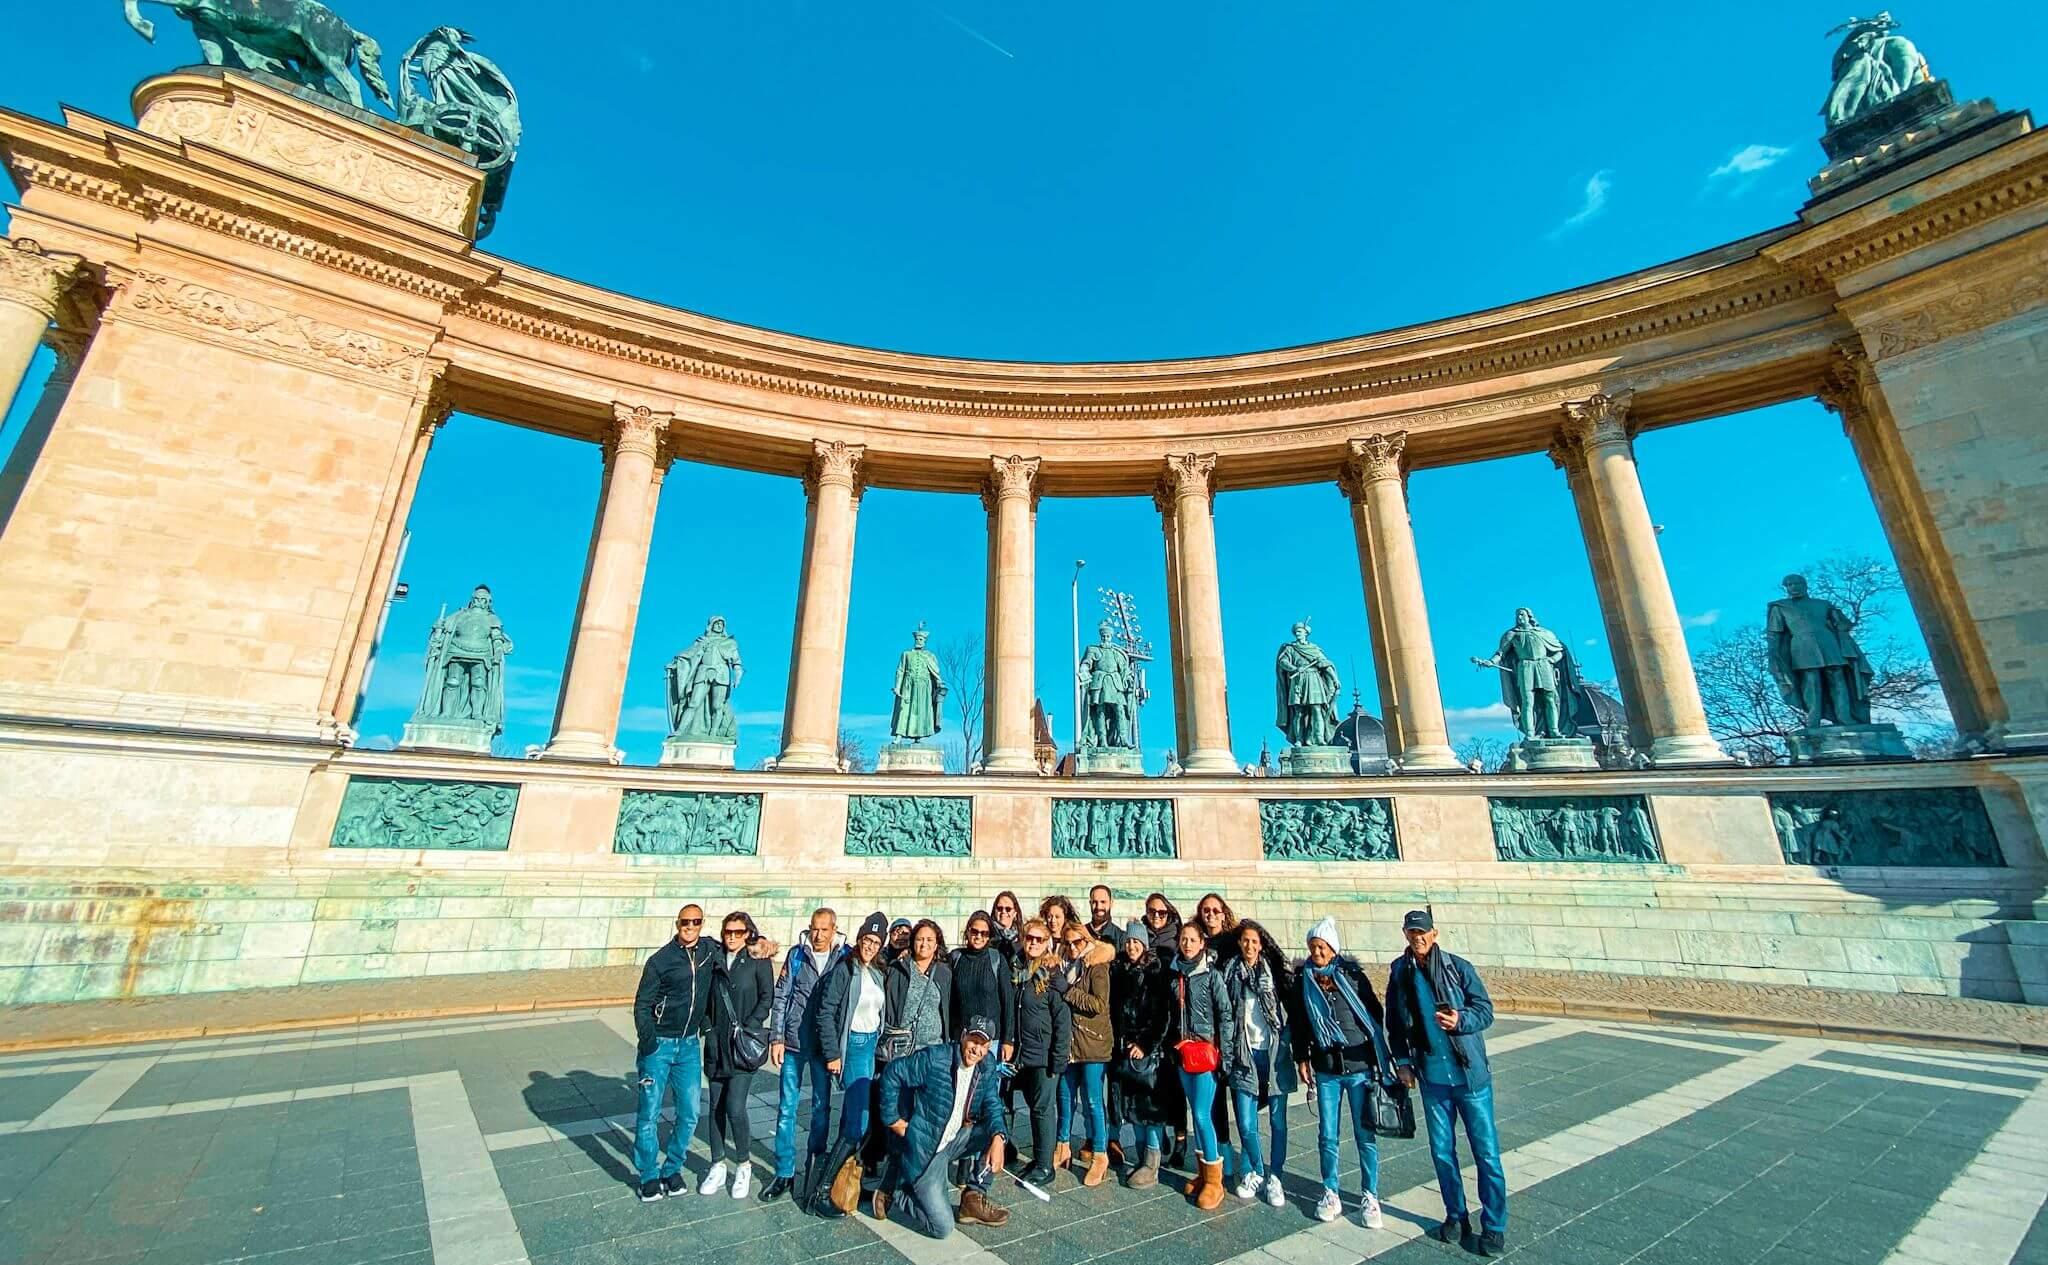 סיור רכוב בעברית בבודפשט - כיכר הגיבורים